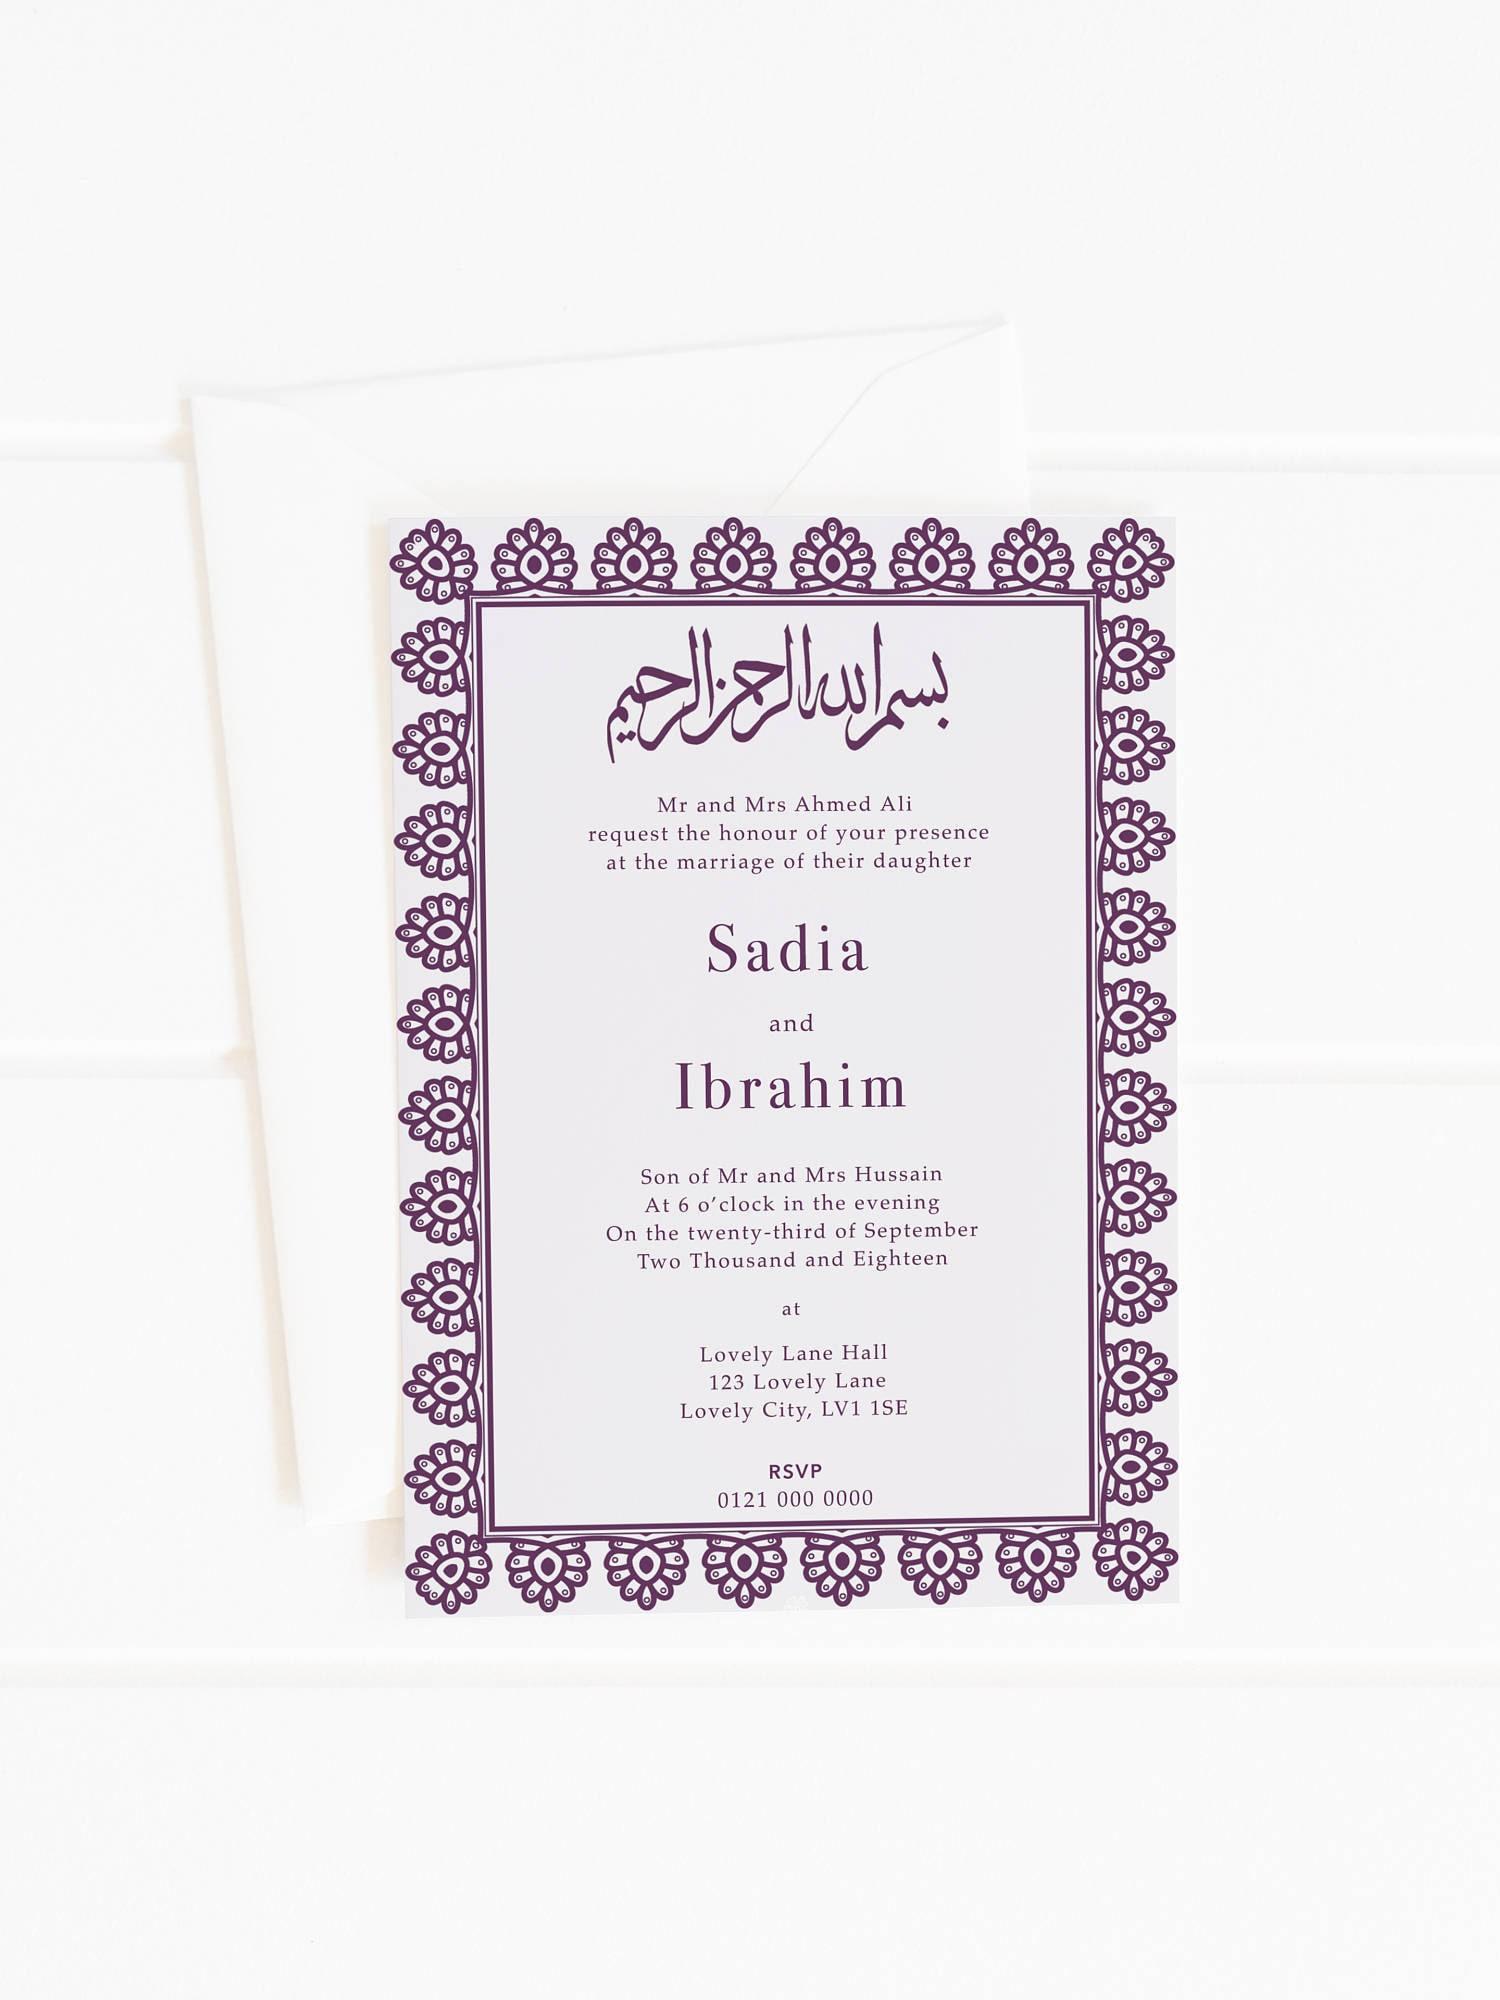 wedding invitation nikah muslim wedding invitation nikkah